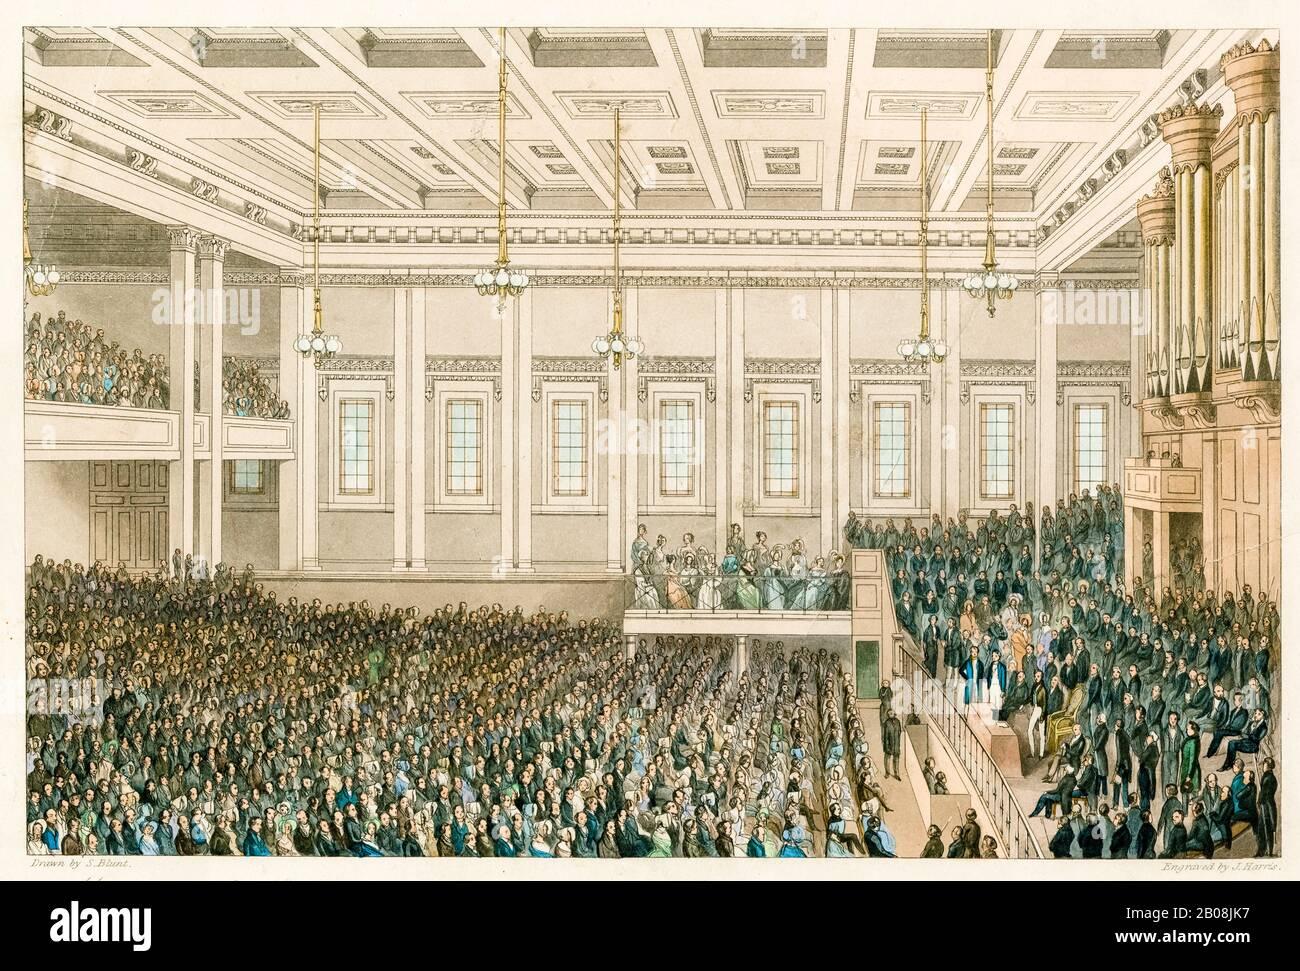 Réunion de la Société pour l'extinction de la traite des esclaves et pour la civilisation de l'Afrique, 1 juin 1840, Exeter Hall - HRH Prince Albert le Président a présidé, en caractères d'imprimerie, S. Blunt, James Harris, 1840 Banque D'Images